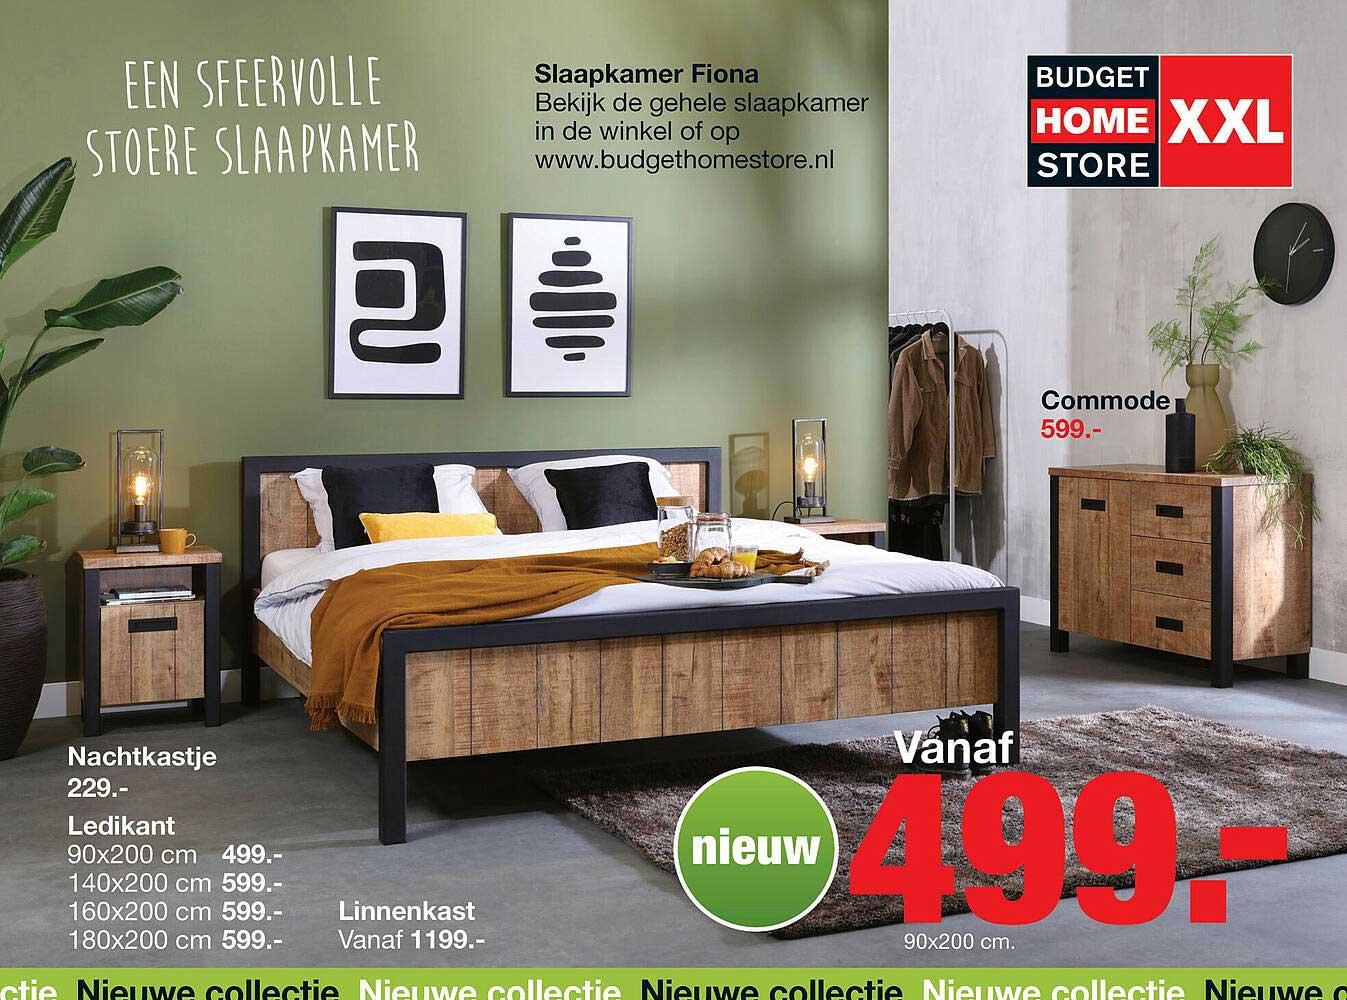 Budget Home Store Slaapkamer Fiona Nachtkastje, Ledikant, Linnenkast, Commode